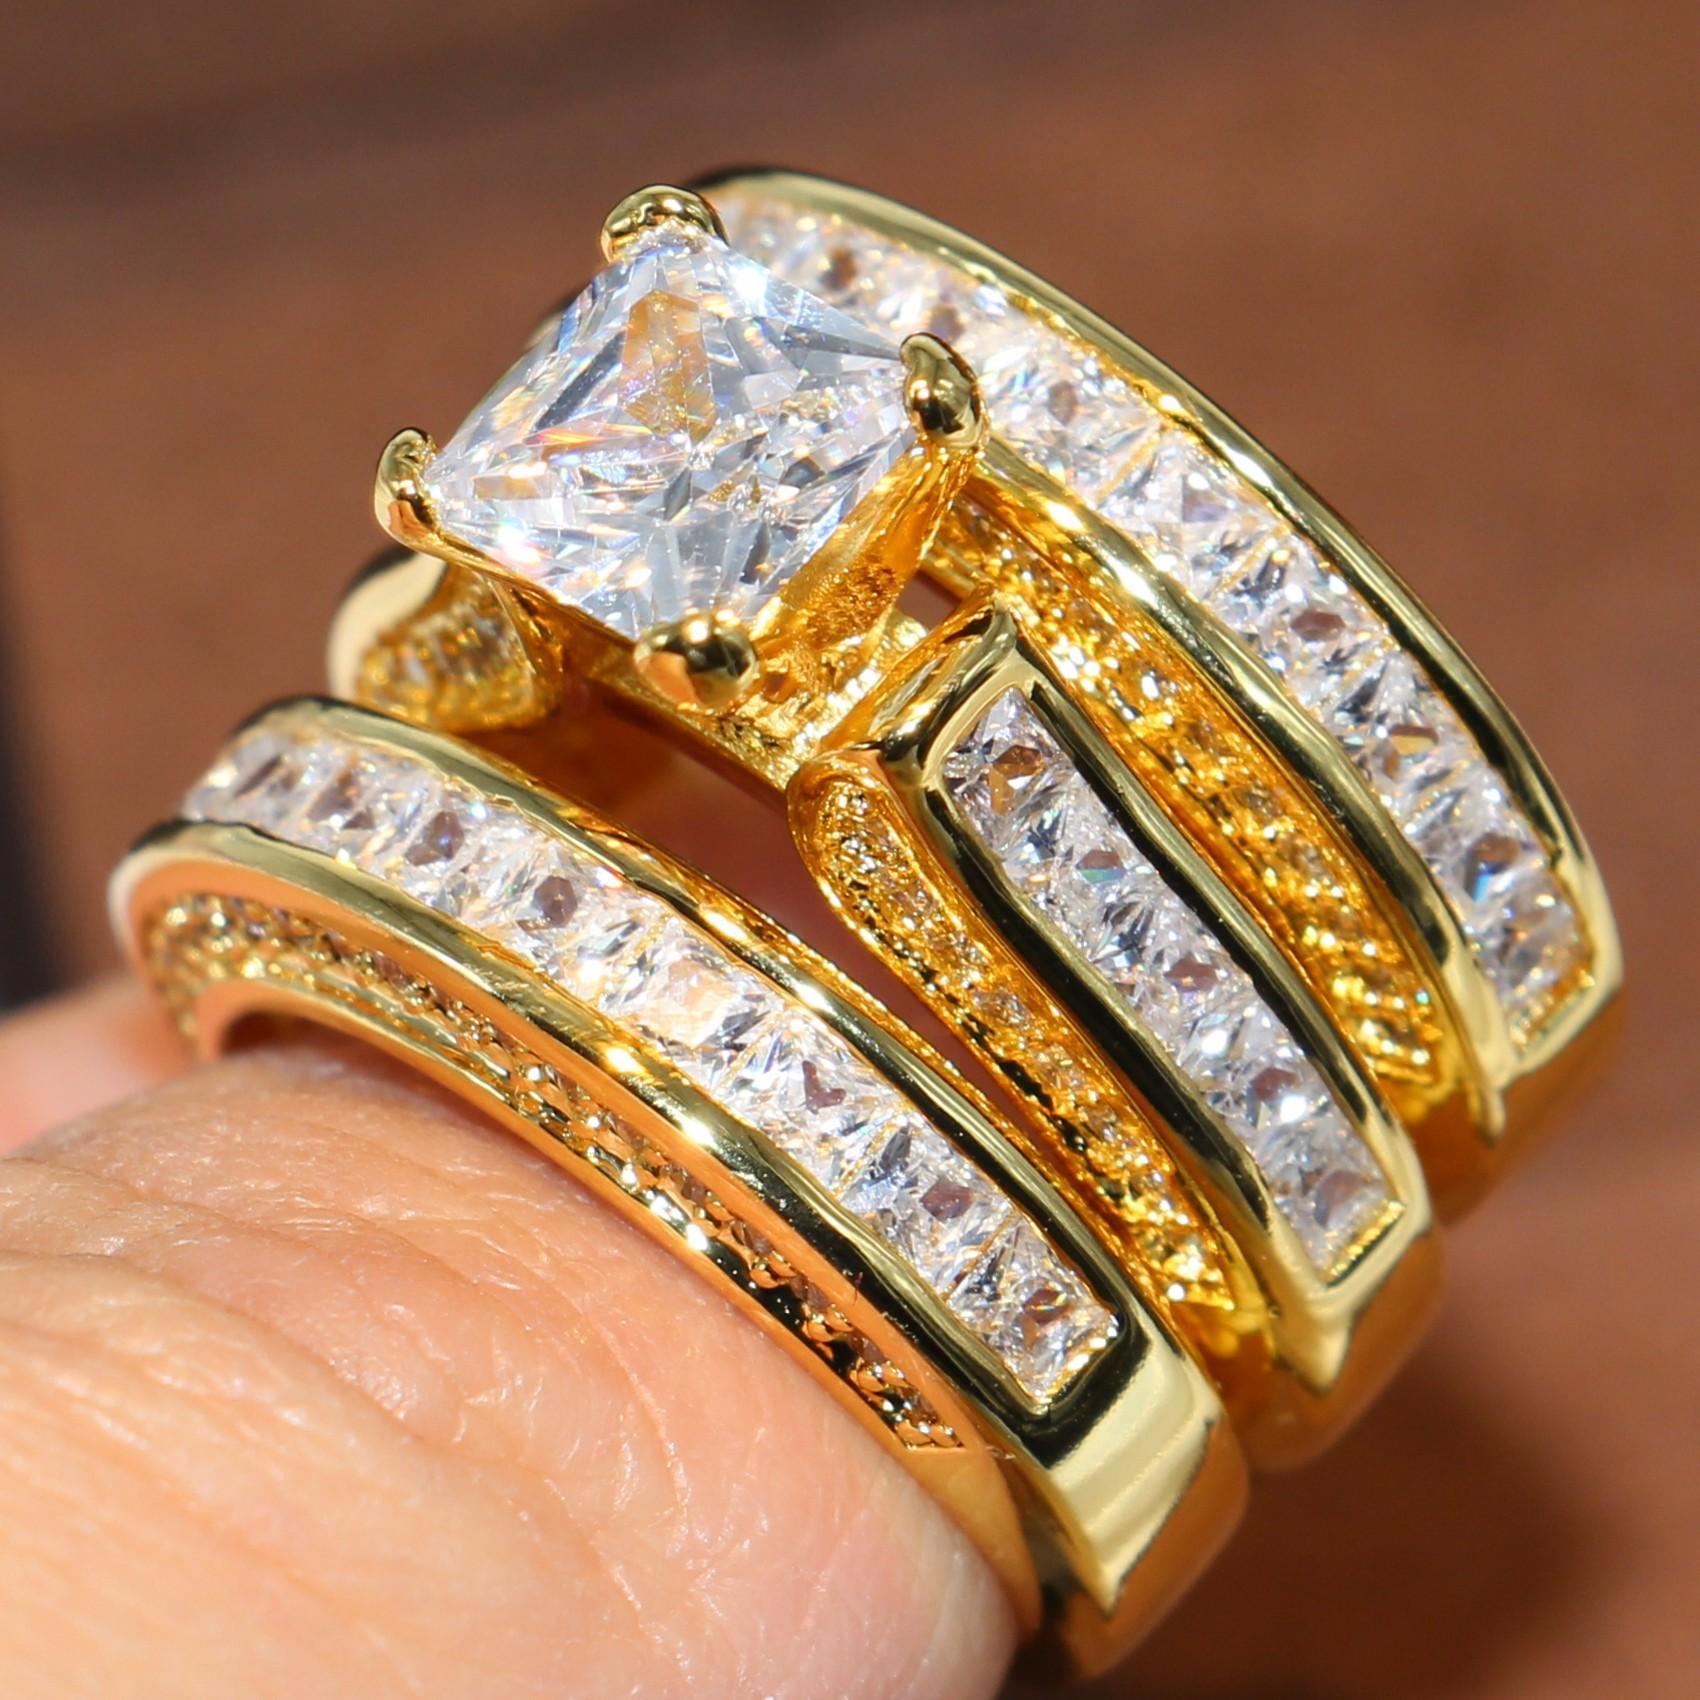 Taille 5-11 Bijoux de mode scintillante Square 14kt Jaune Gold Rempli Princesse Coupe Blanche Blanc Topaz Party Gemstones Cz Diamond Femmes Anneau de mariage